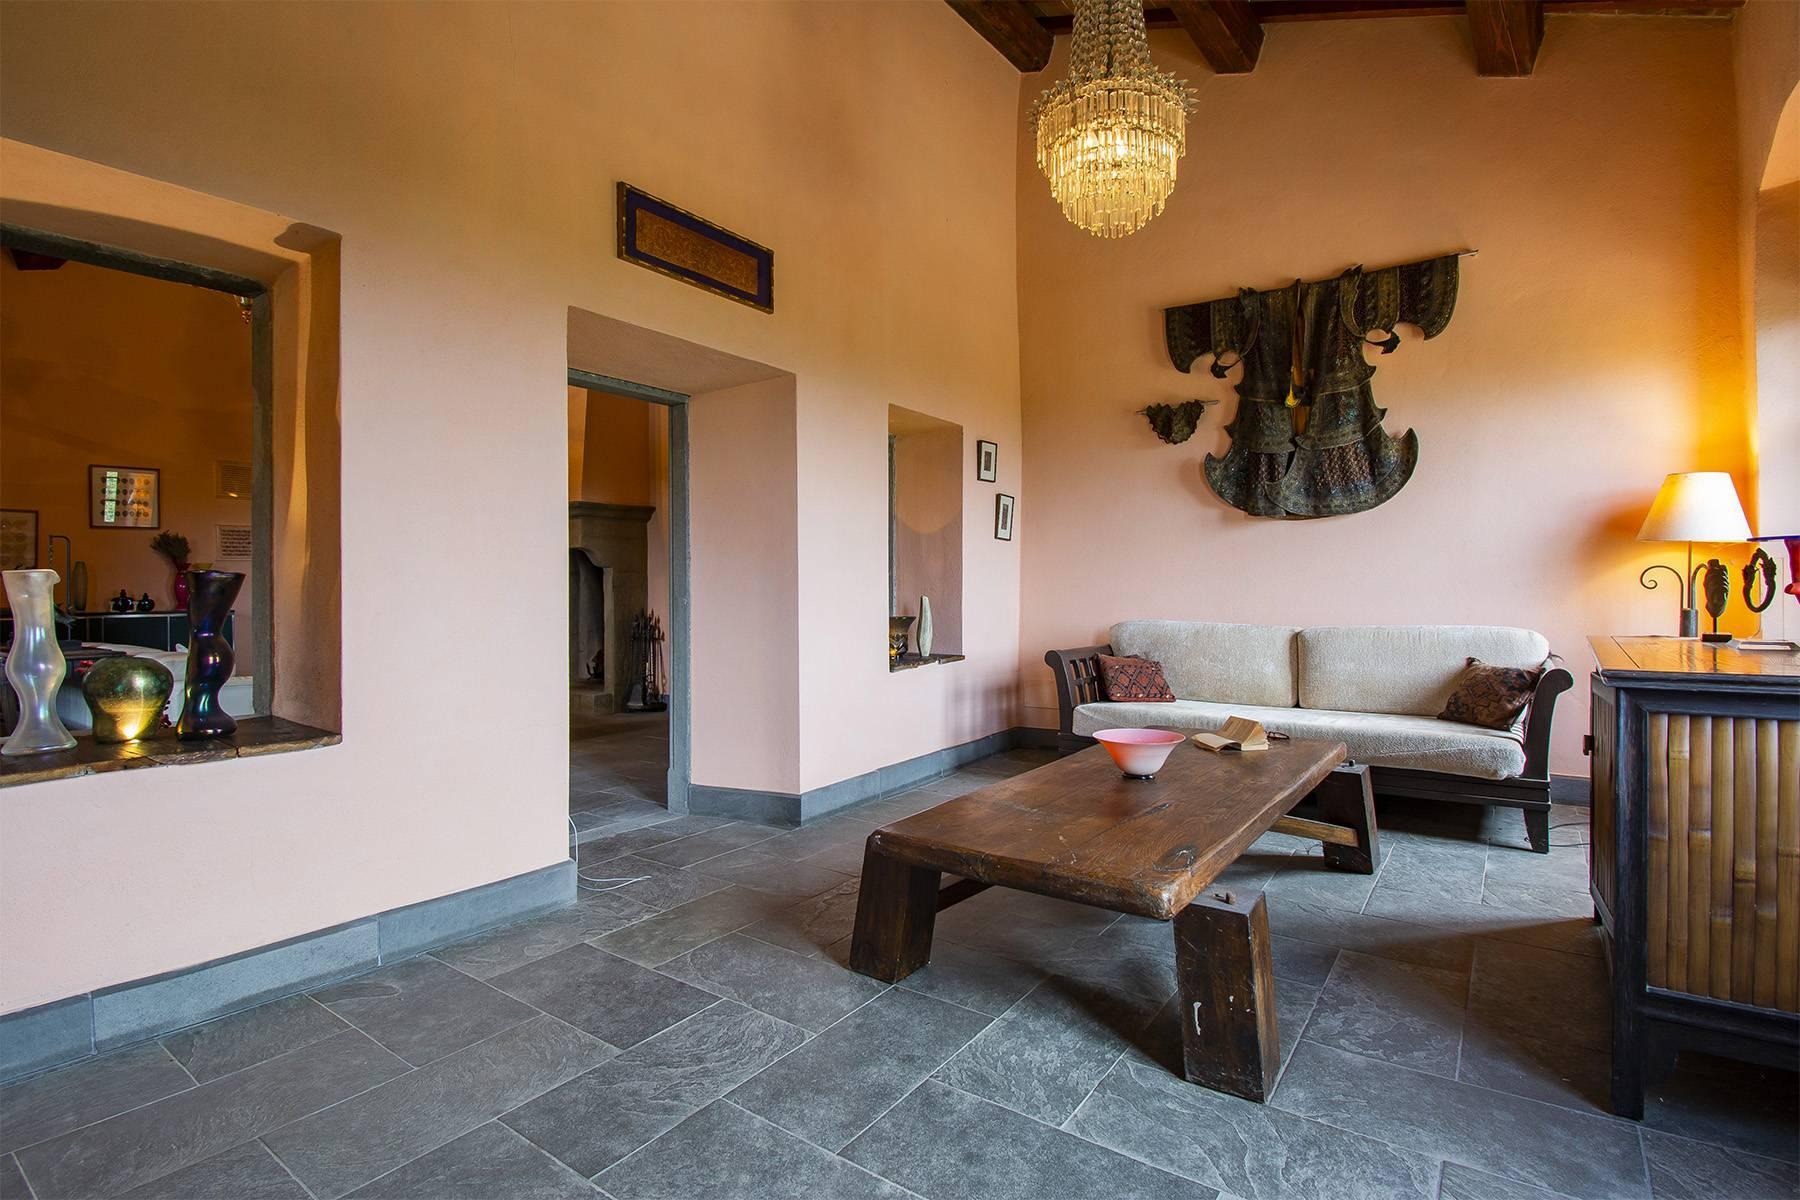 Panorama-Renaissance-Villa mit Garten im italienischen Stil - 9